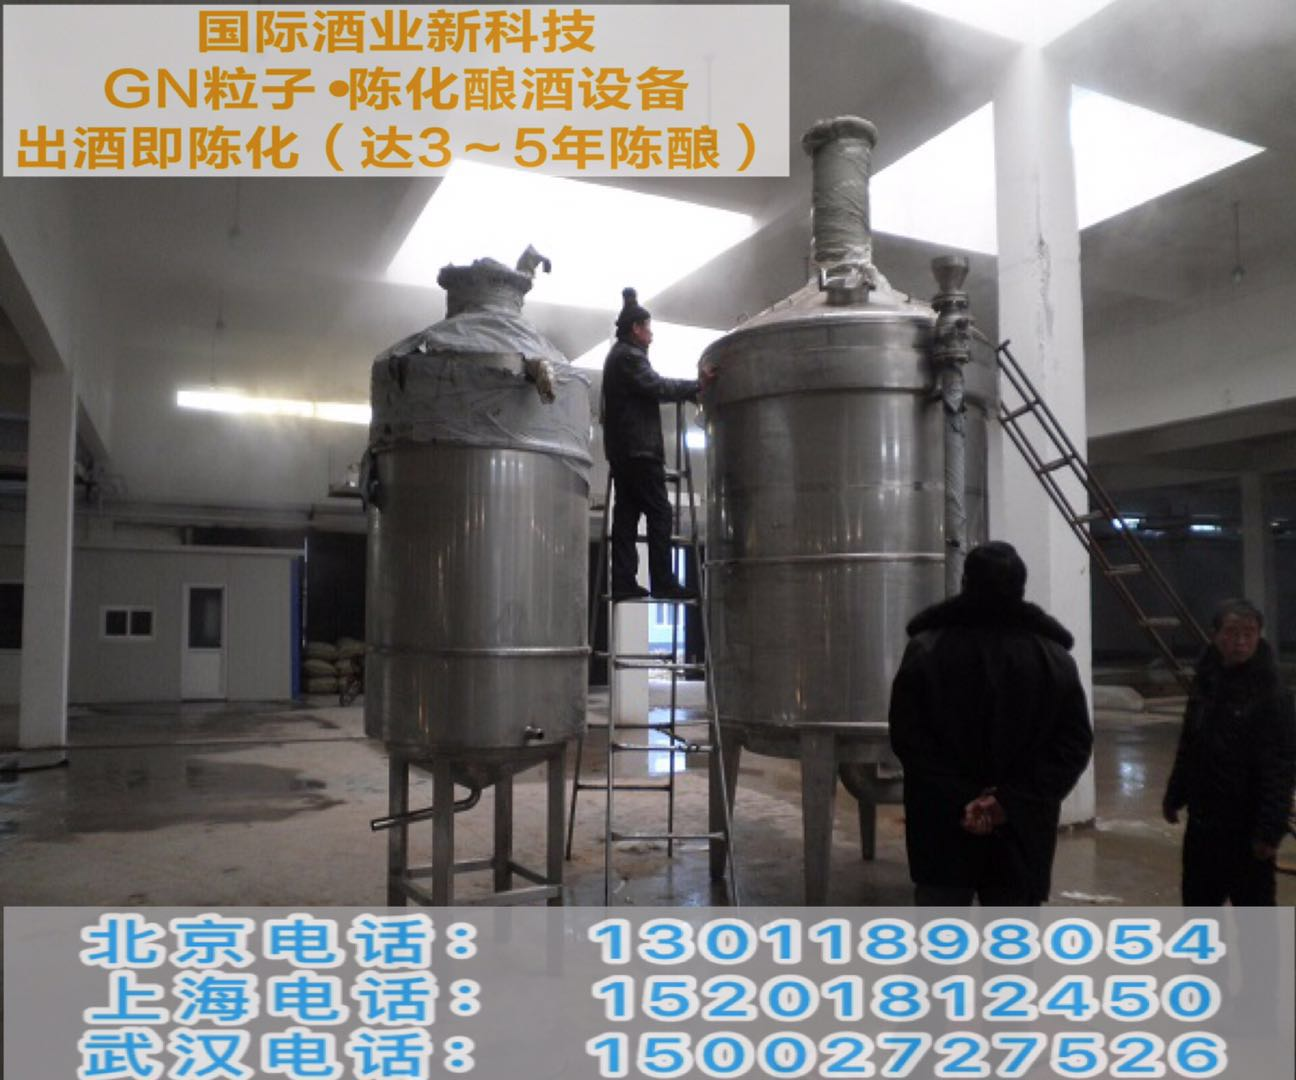 酿酒设备如何选择:武汉九和九液GN粒子陈酿设备